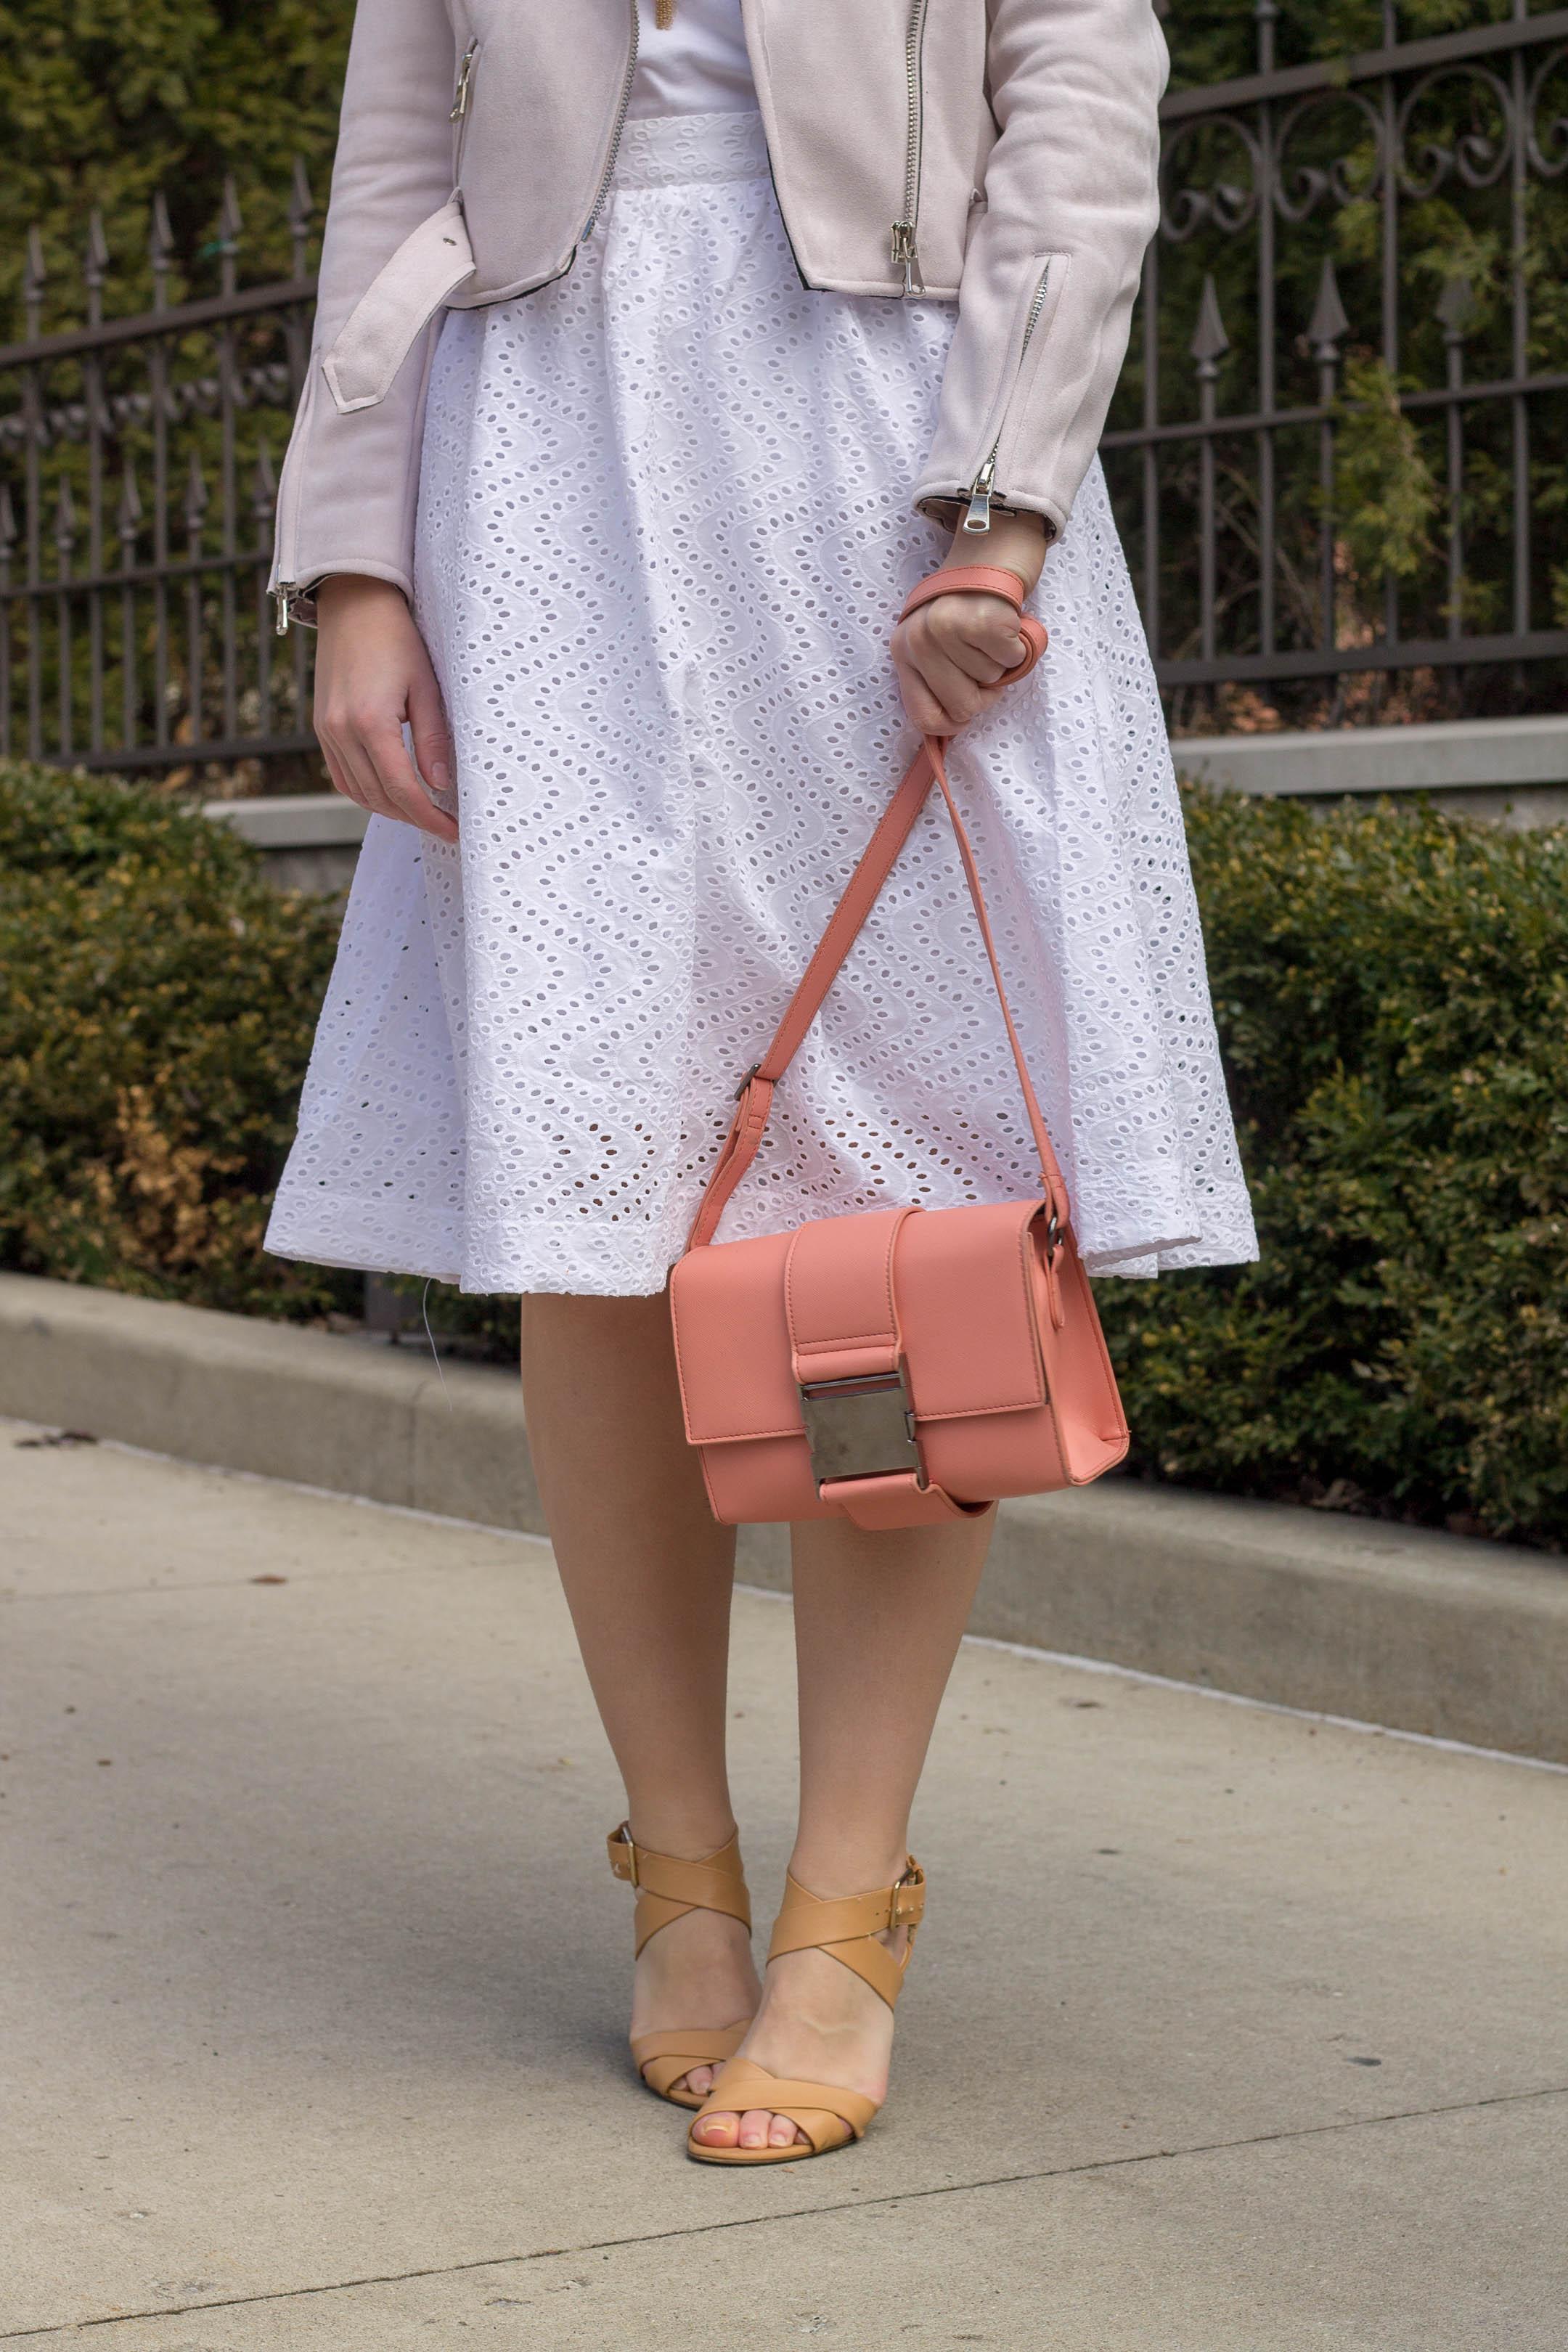 ASOS coral crossbody handbag